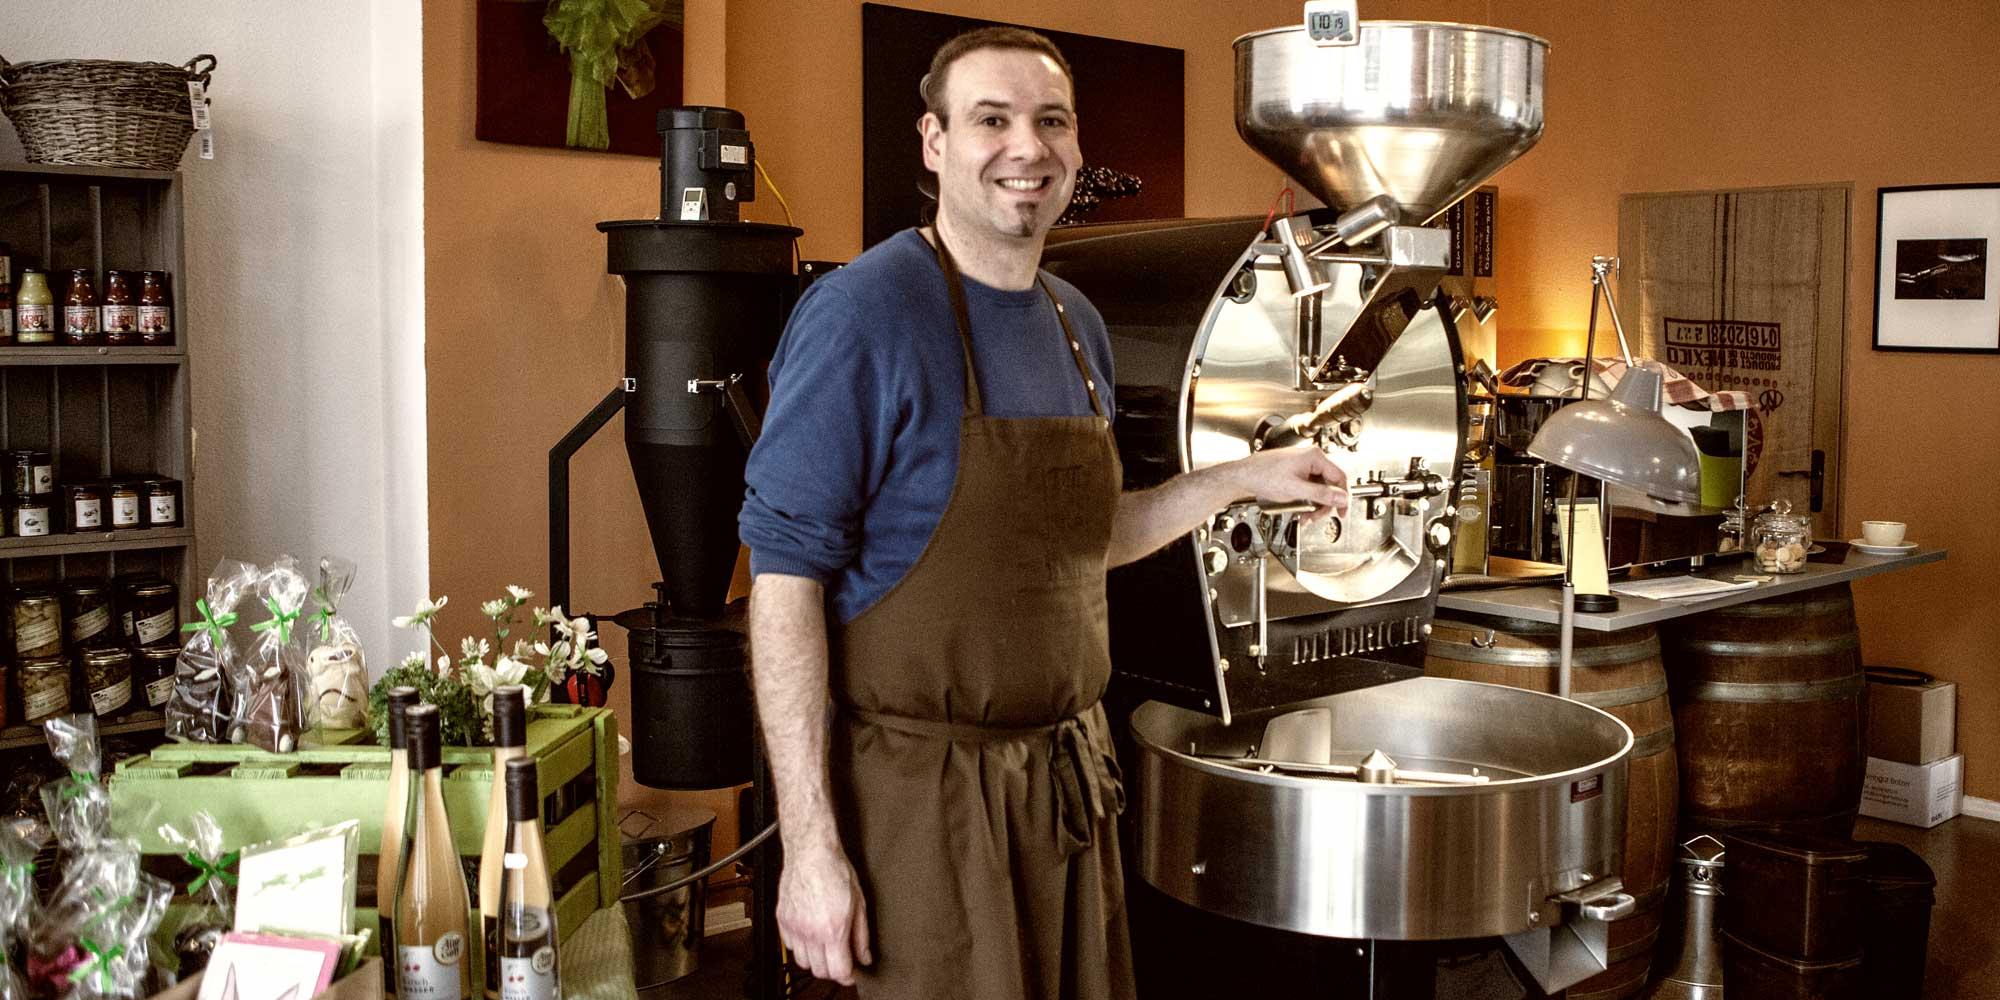 Heiping-Inhaber Andreas Schulte in der Darmstädter Kaffeerösterei